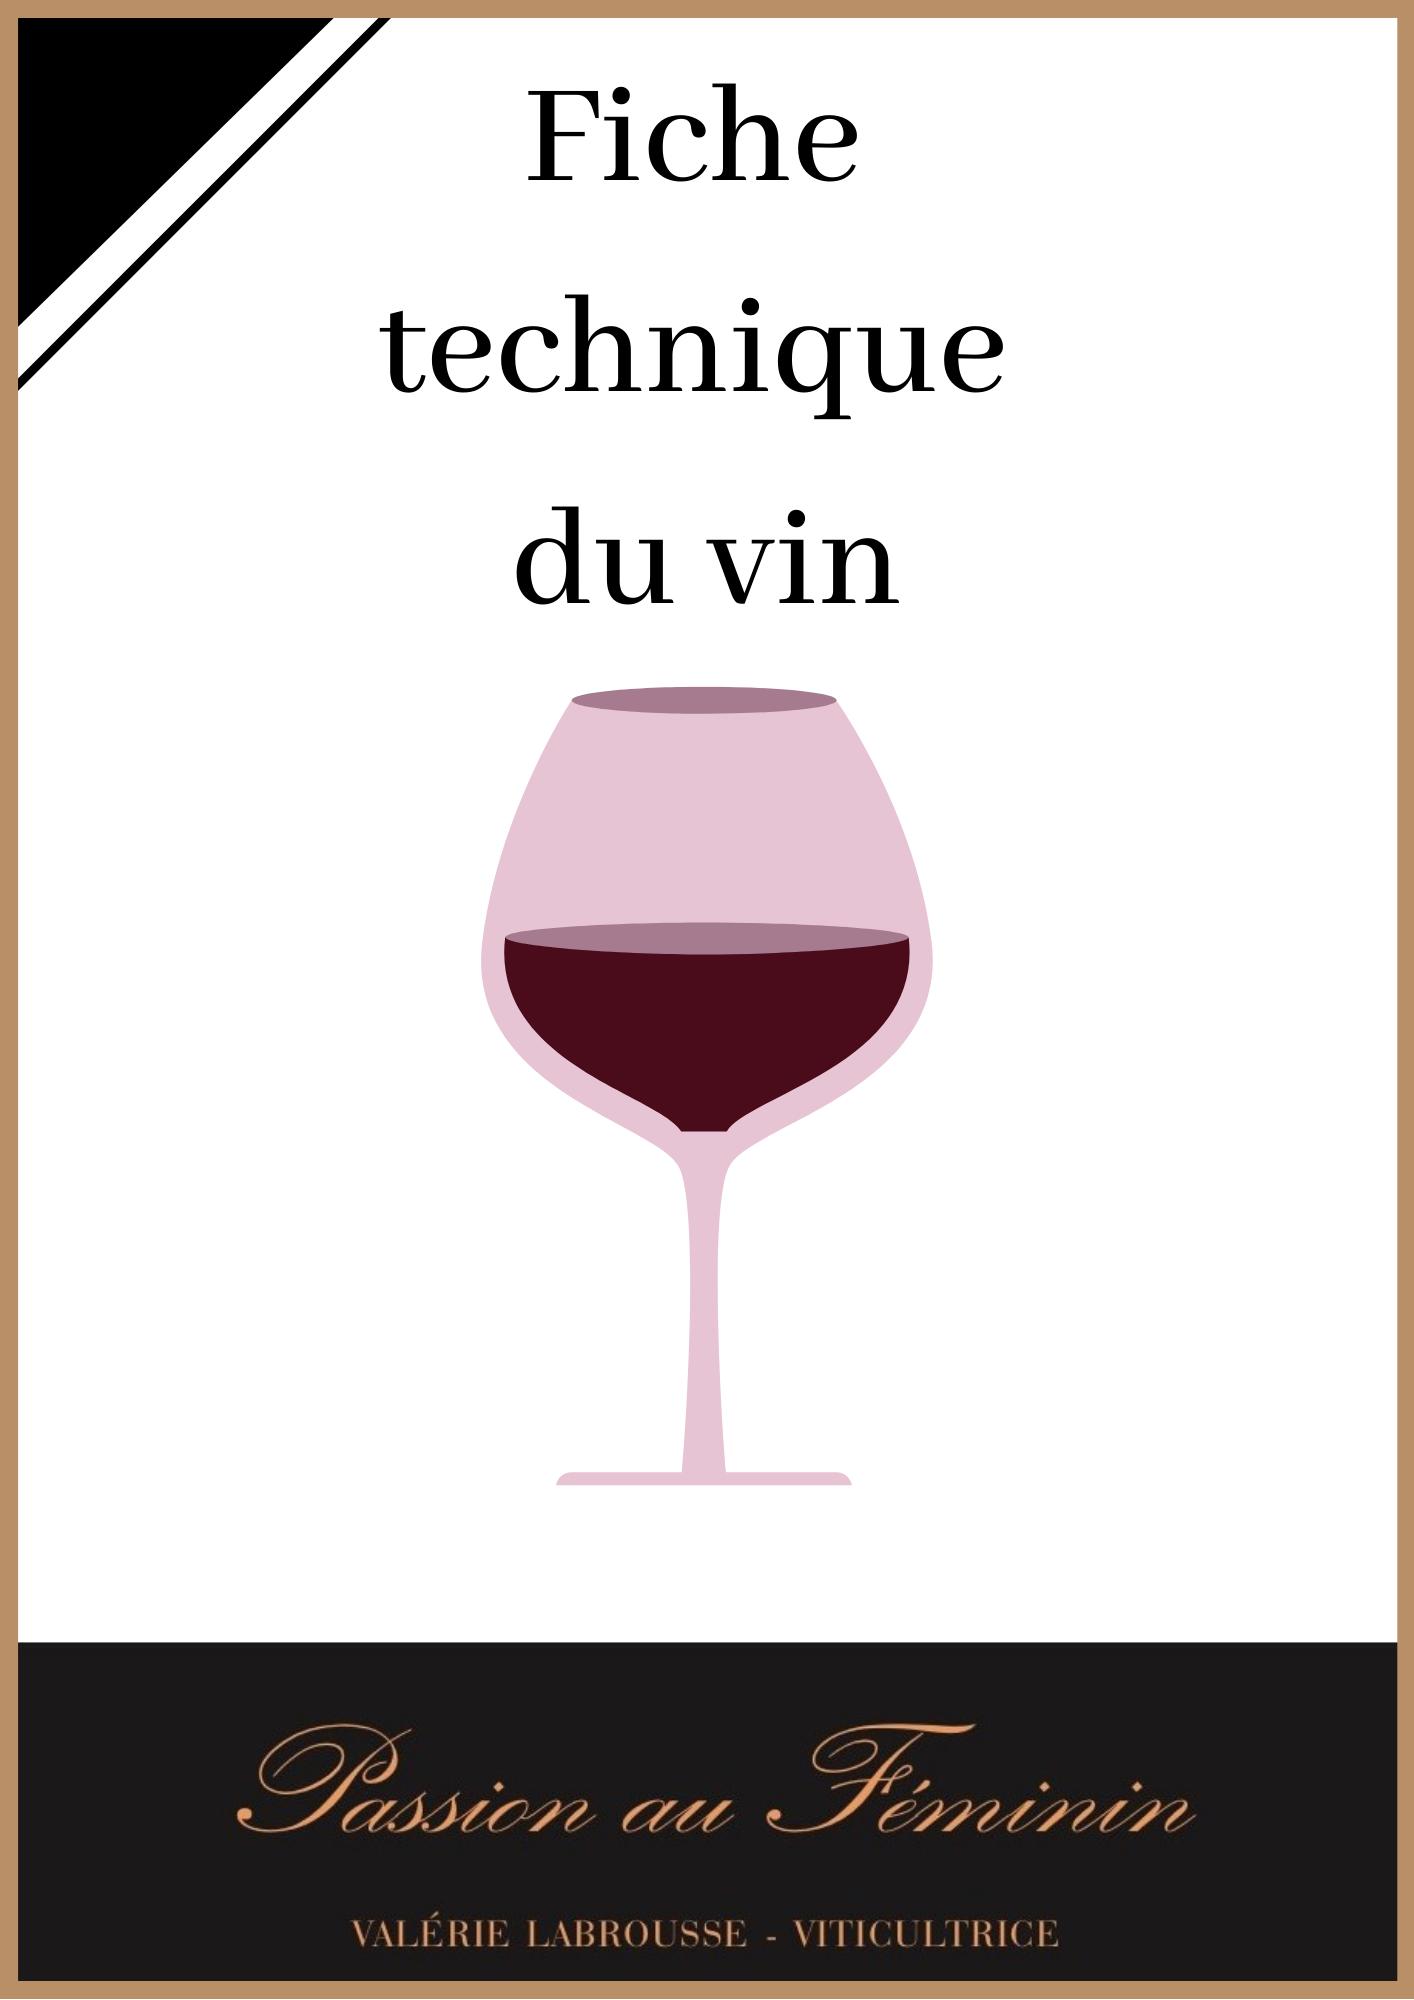 Fiche technique Château du Payre Crémant de Bordeaux Rosé